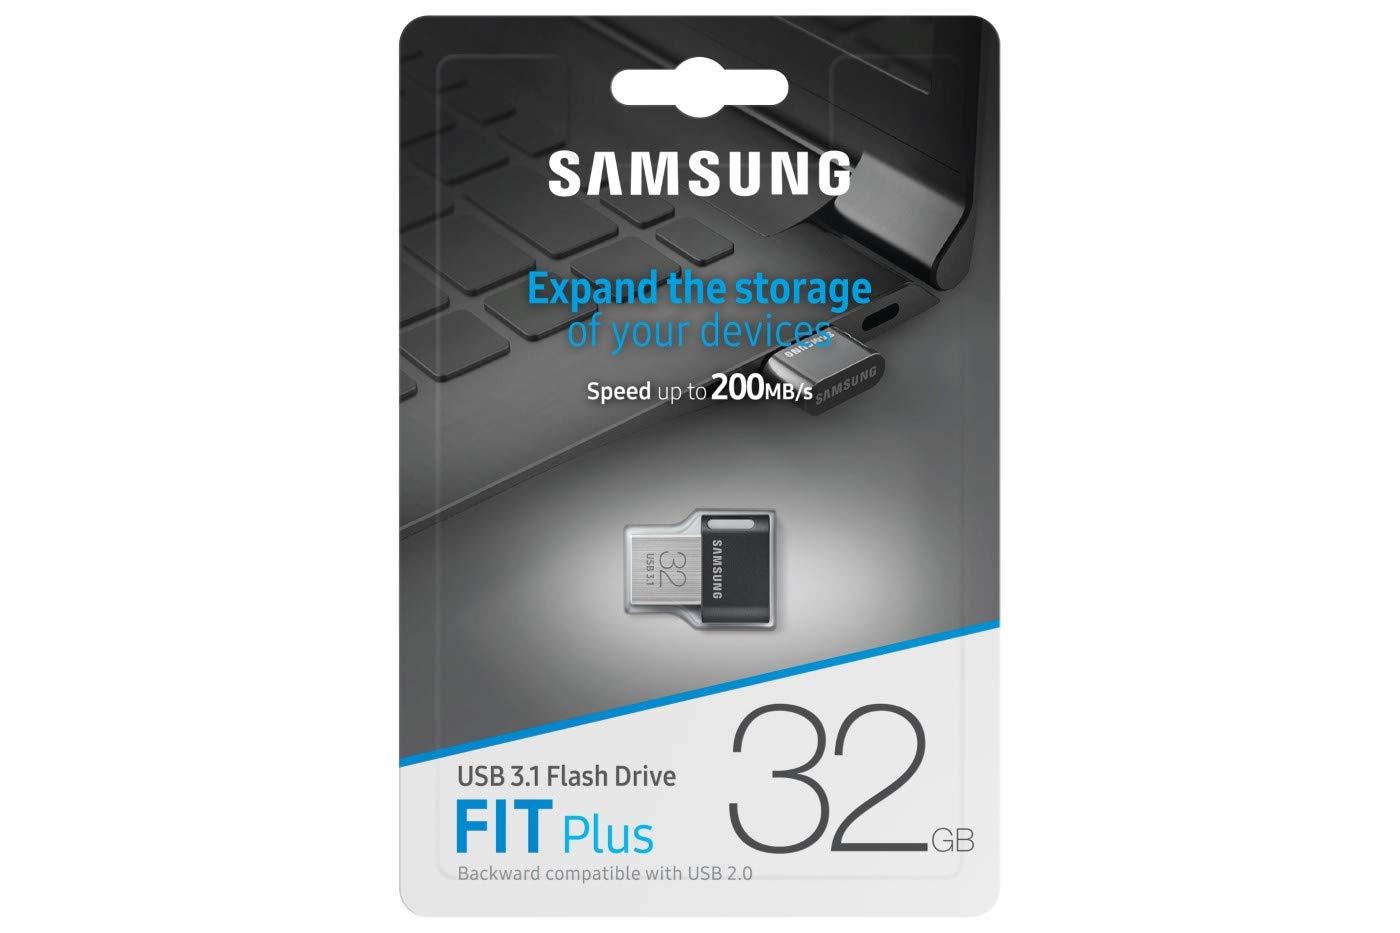 Acero Inoxidable Unidad Flash USB 3.1 Gen 1 32 GB, 3.1 , Conector USB Tipo A, Girar, 3,1 g, Negro, Acero Inoxidable Samsung MUF-32AB 32GB 3.1 Conector USB Tipo A Negro 3.1 Gen 1 Memoria USB